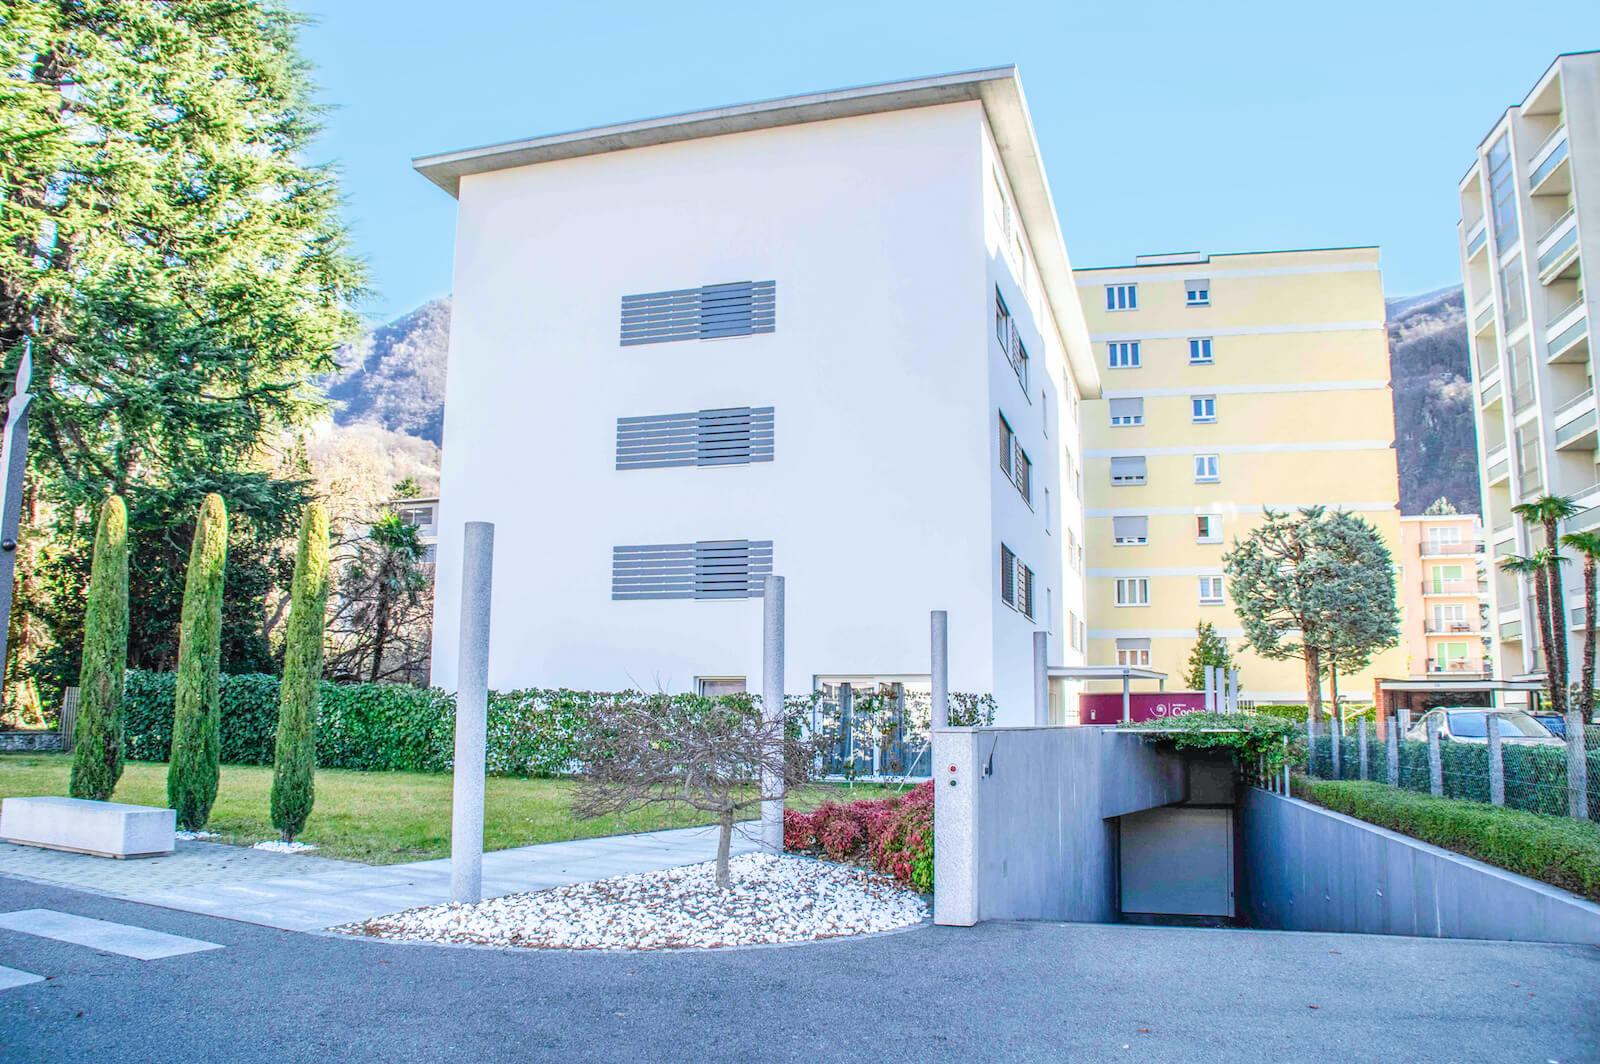 snb-immobiliare-residenza-coclea-002